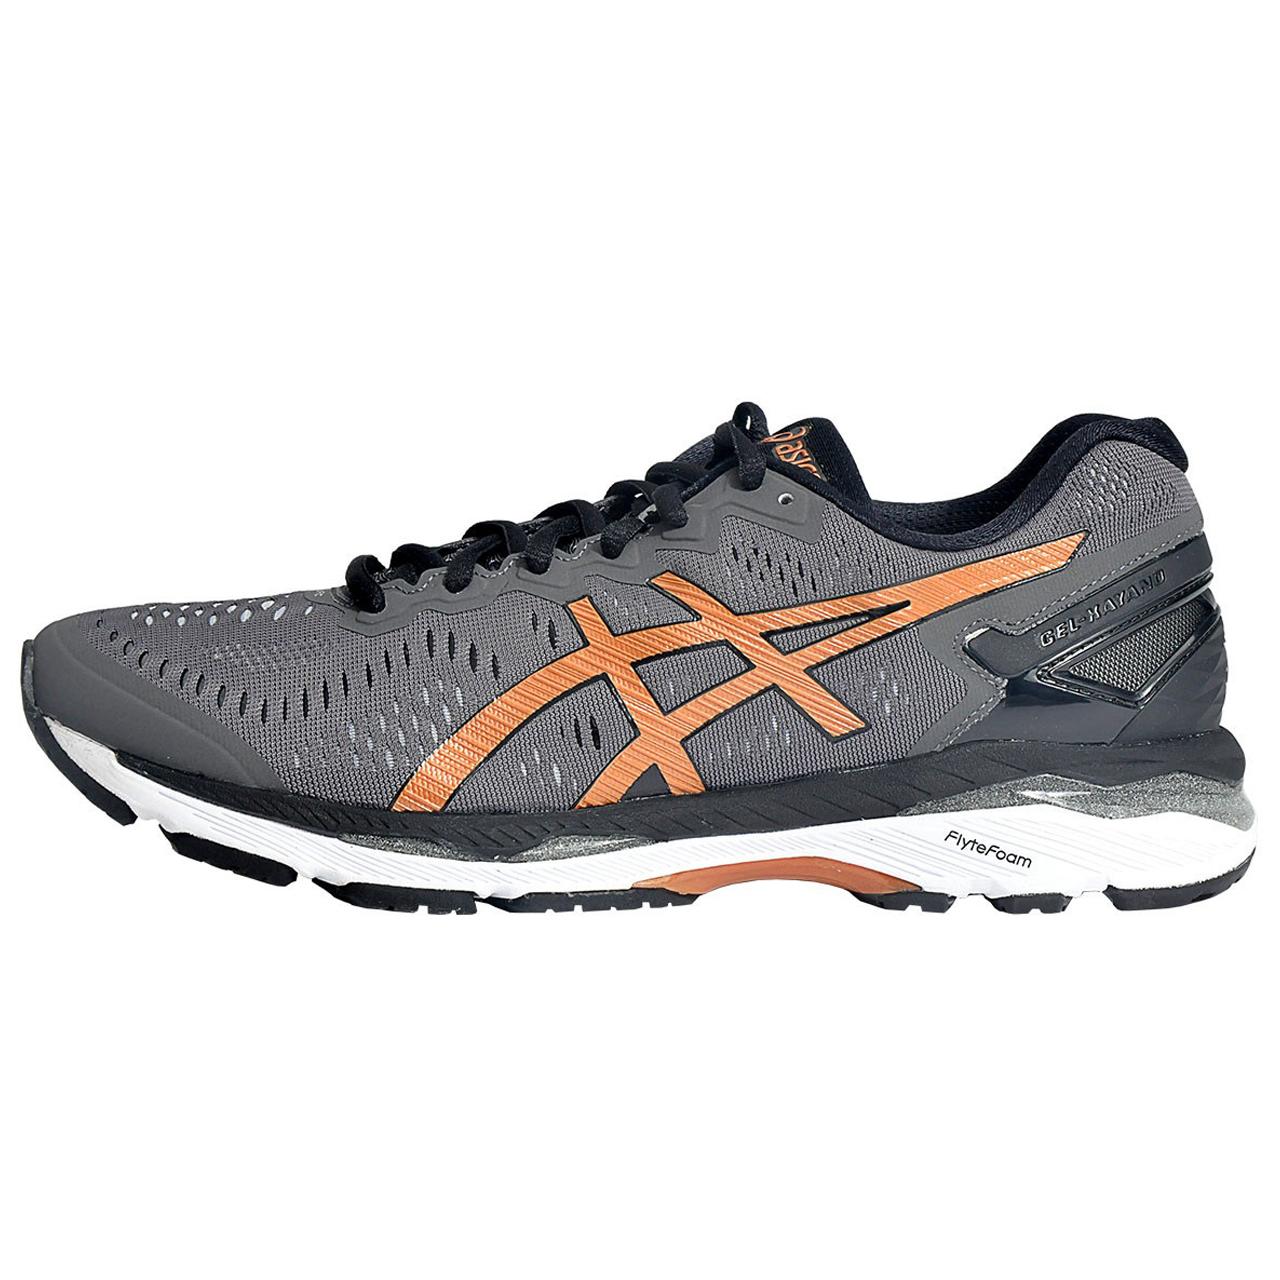 کفش مخصوص دویدن مردانه اسیکس مدل gel kayano کد T8797N